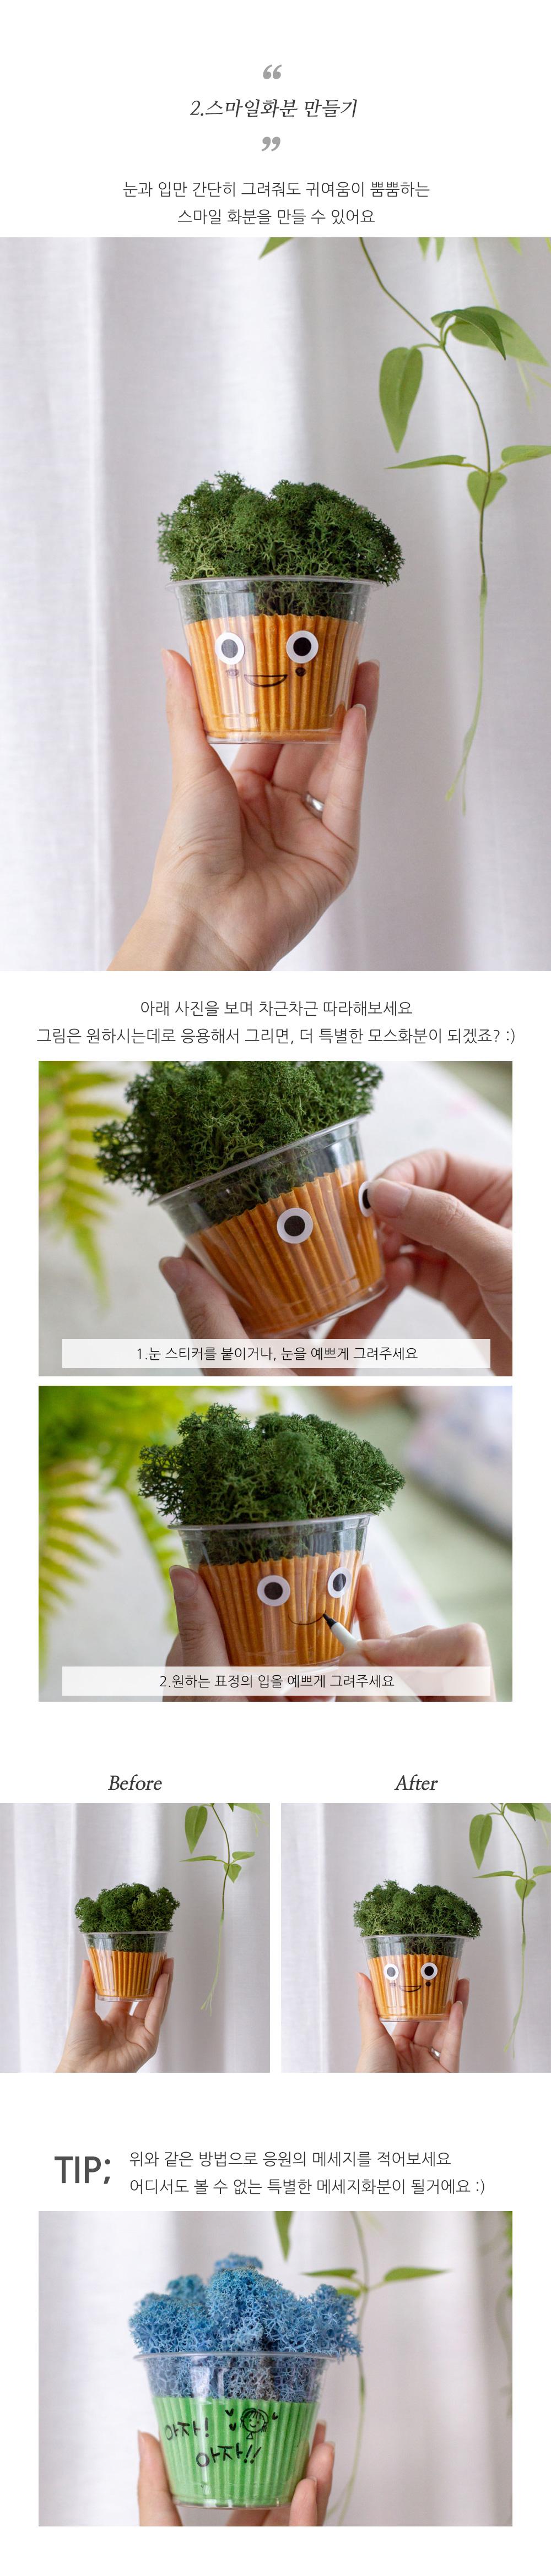 (6컬러) 컵 스칸디아모스 공기정화 습도조절 모스 이끼 공기정화식물 화분 - 아티파티, 5,500원, 조화, 부쉬